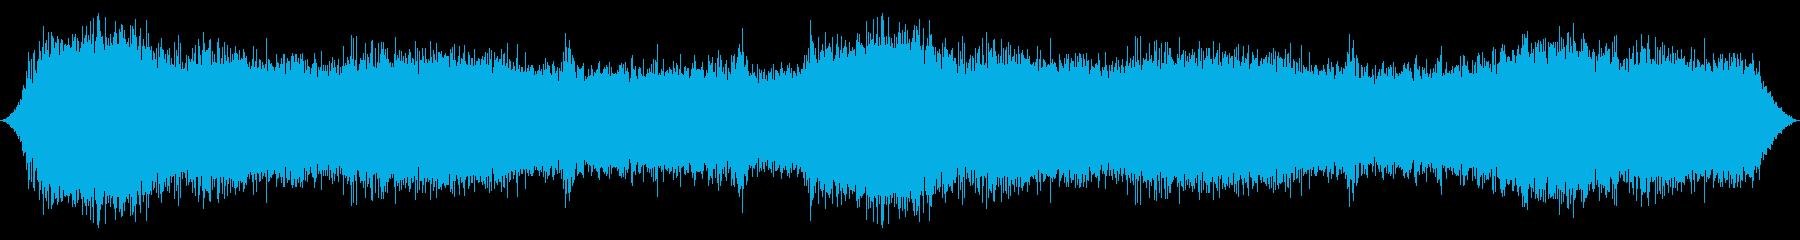 山の風:松の木からの激しい突風の再生済みの波形